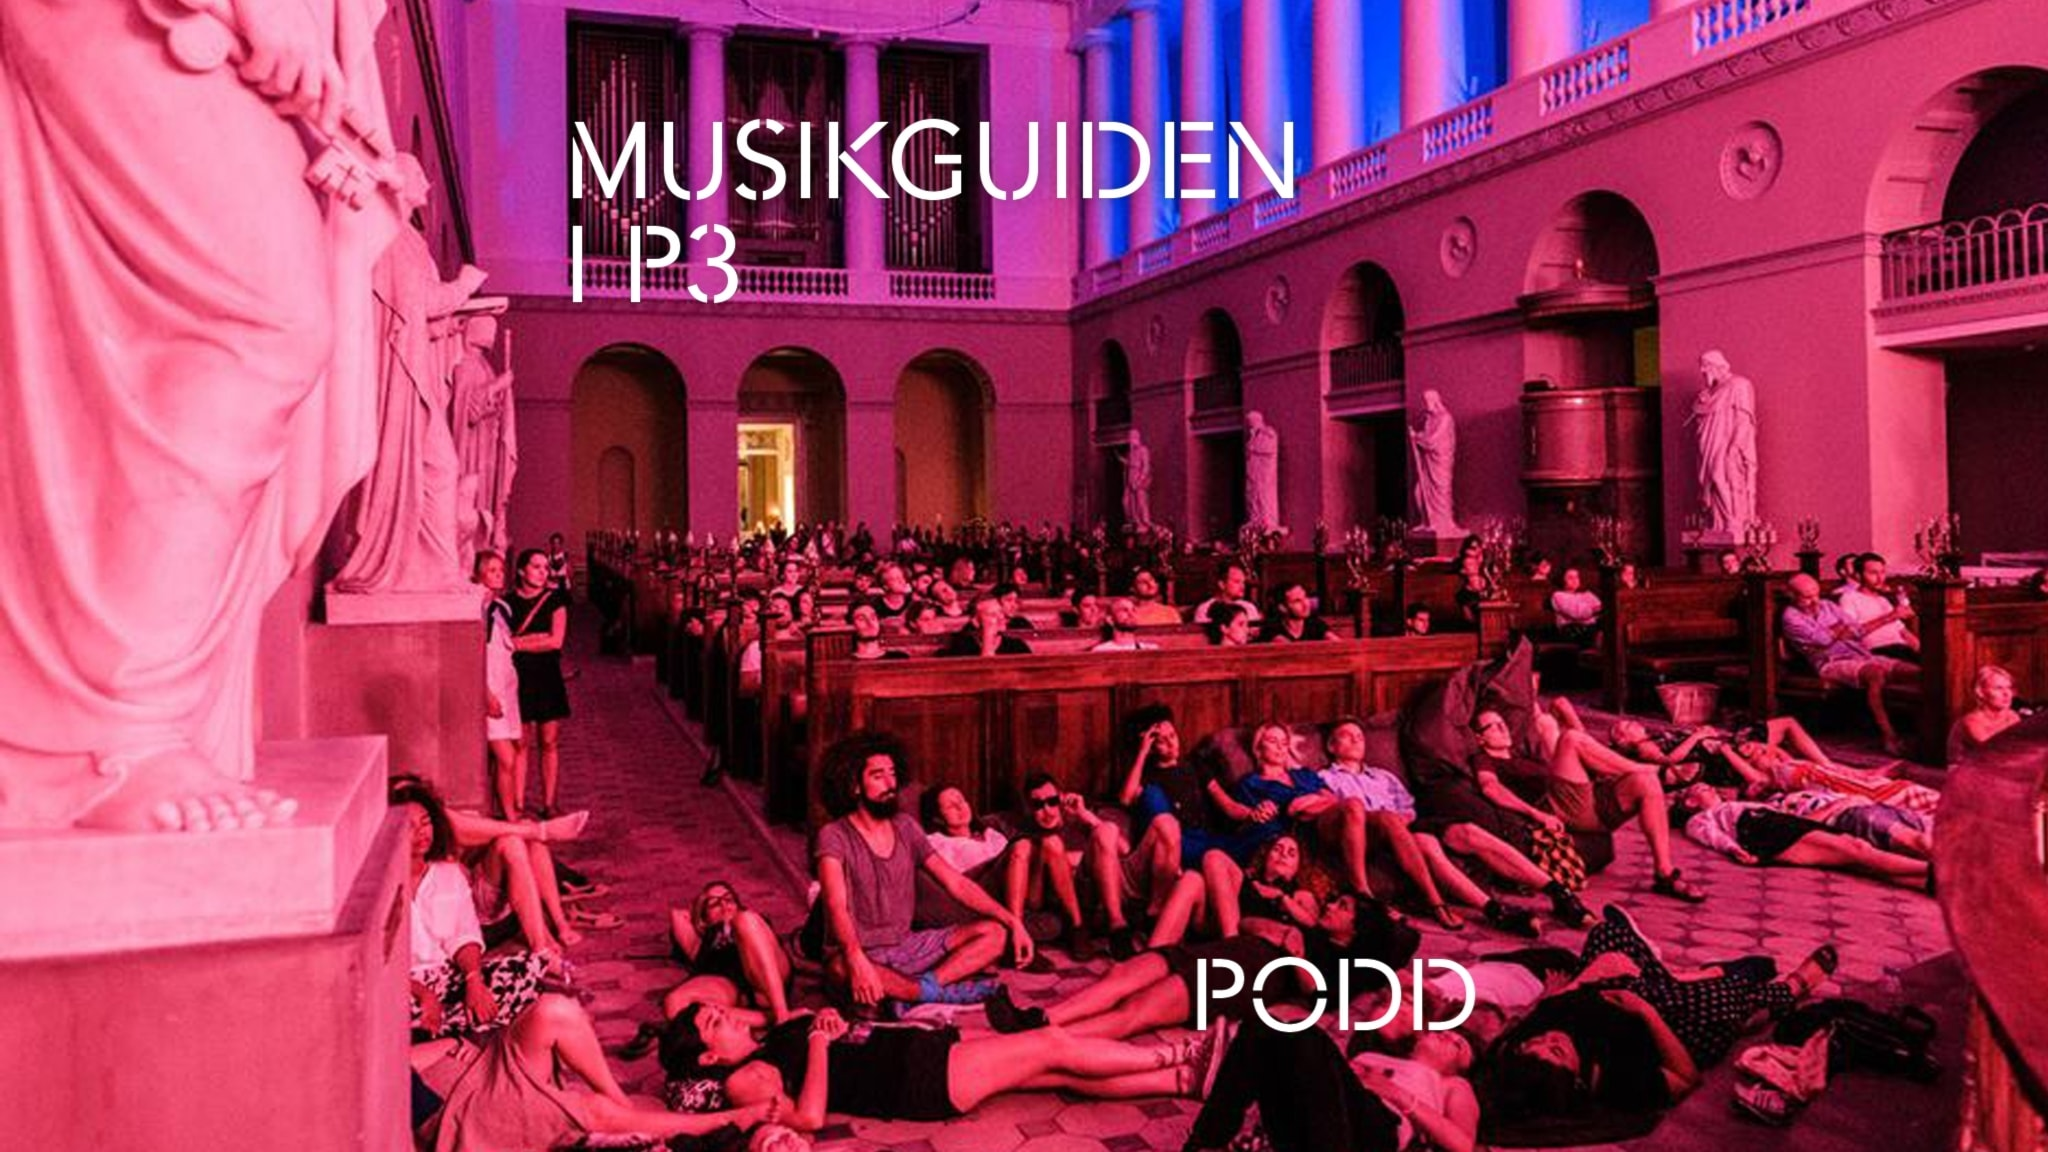 19. Är musik Gud?